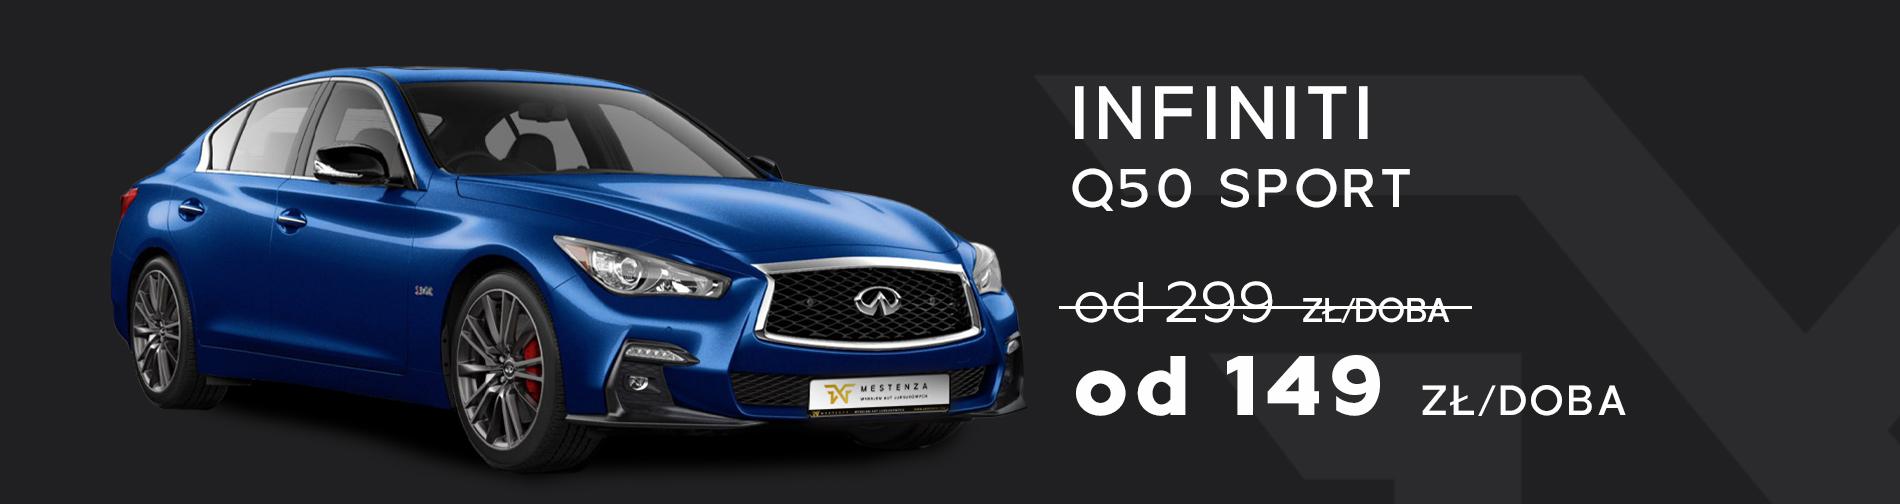 Infiniti Q50 Sport Wynajem samochodów w promocji taniej Trójmiasto